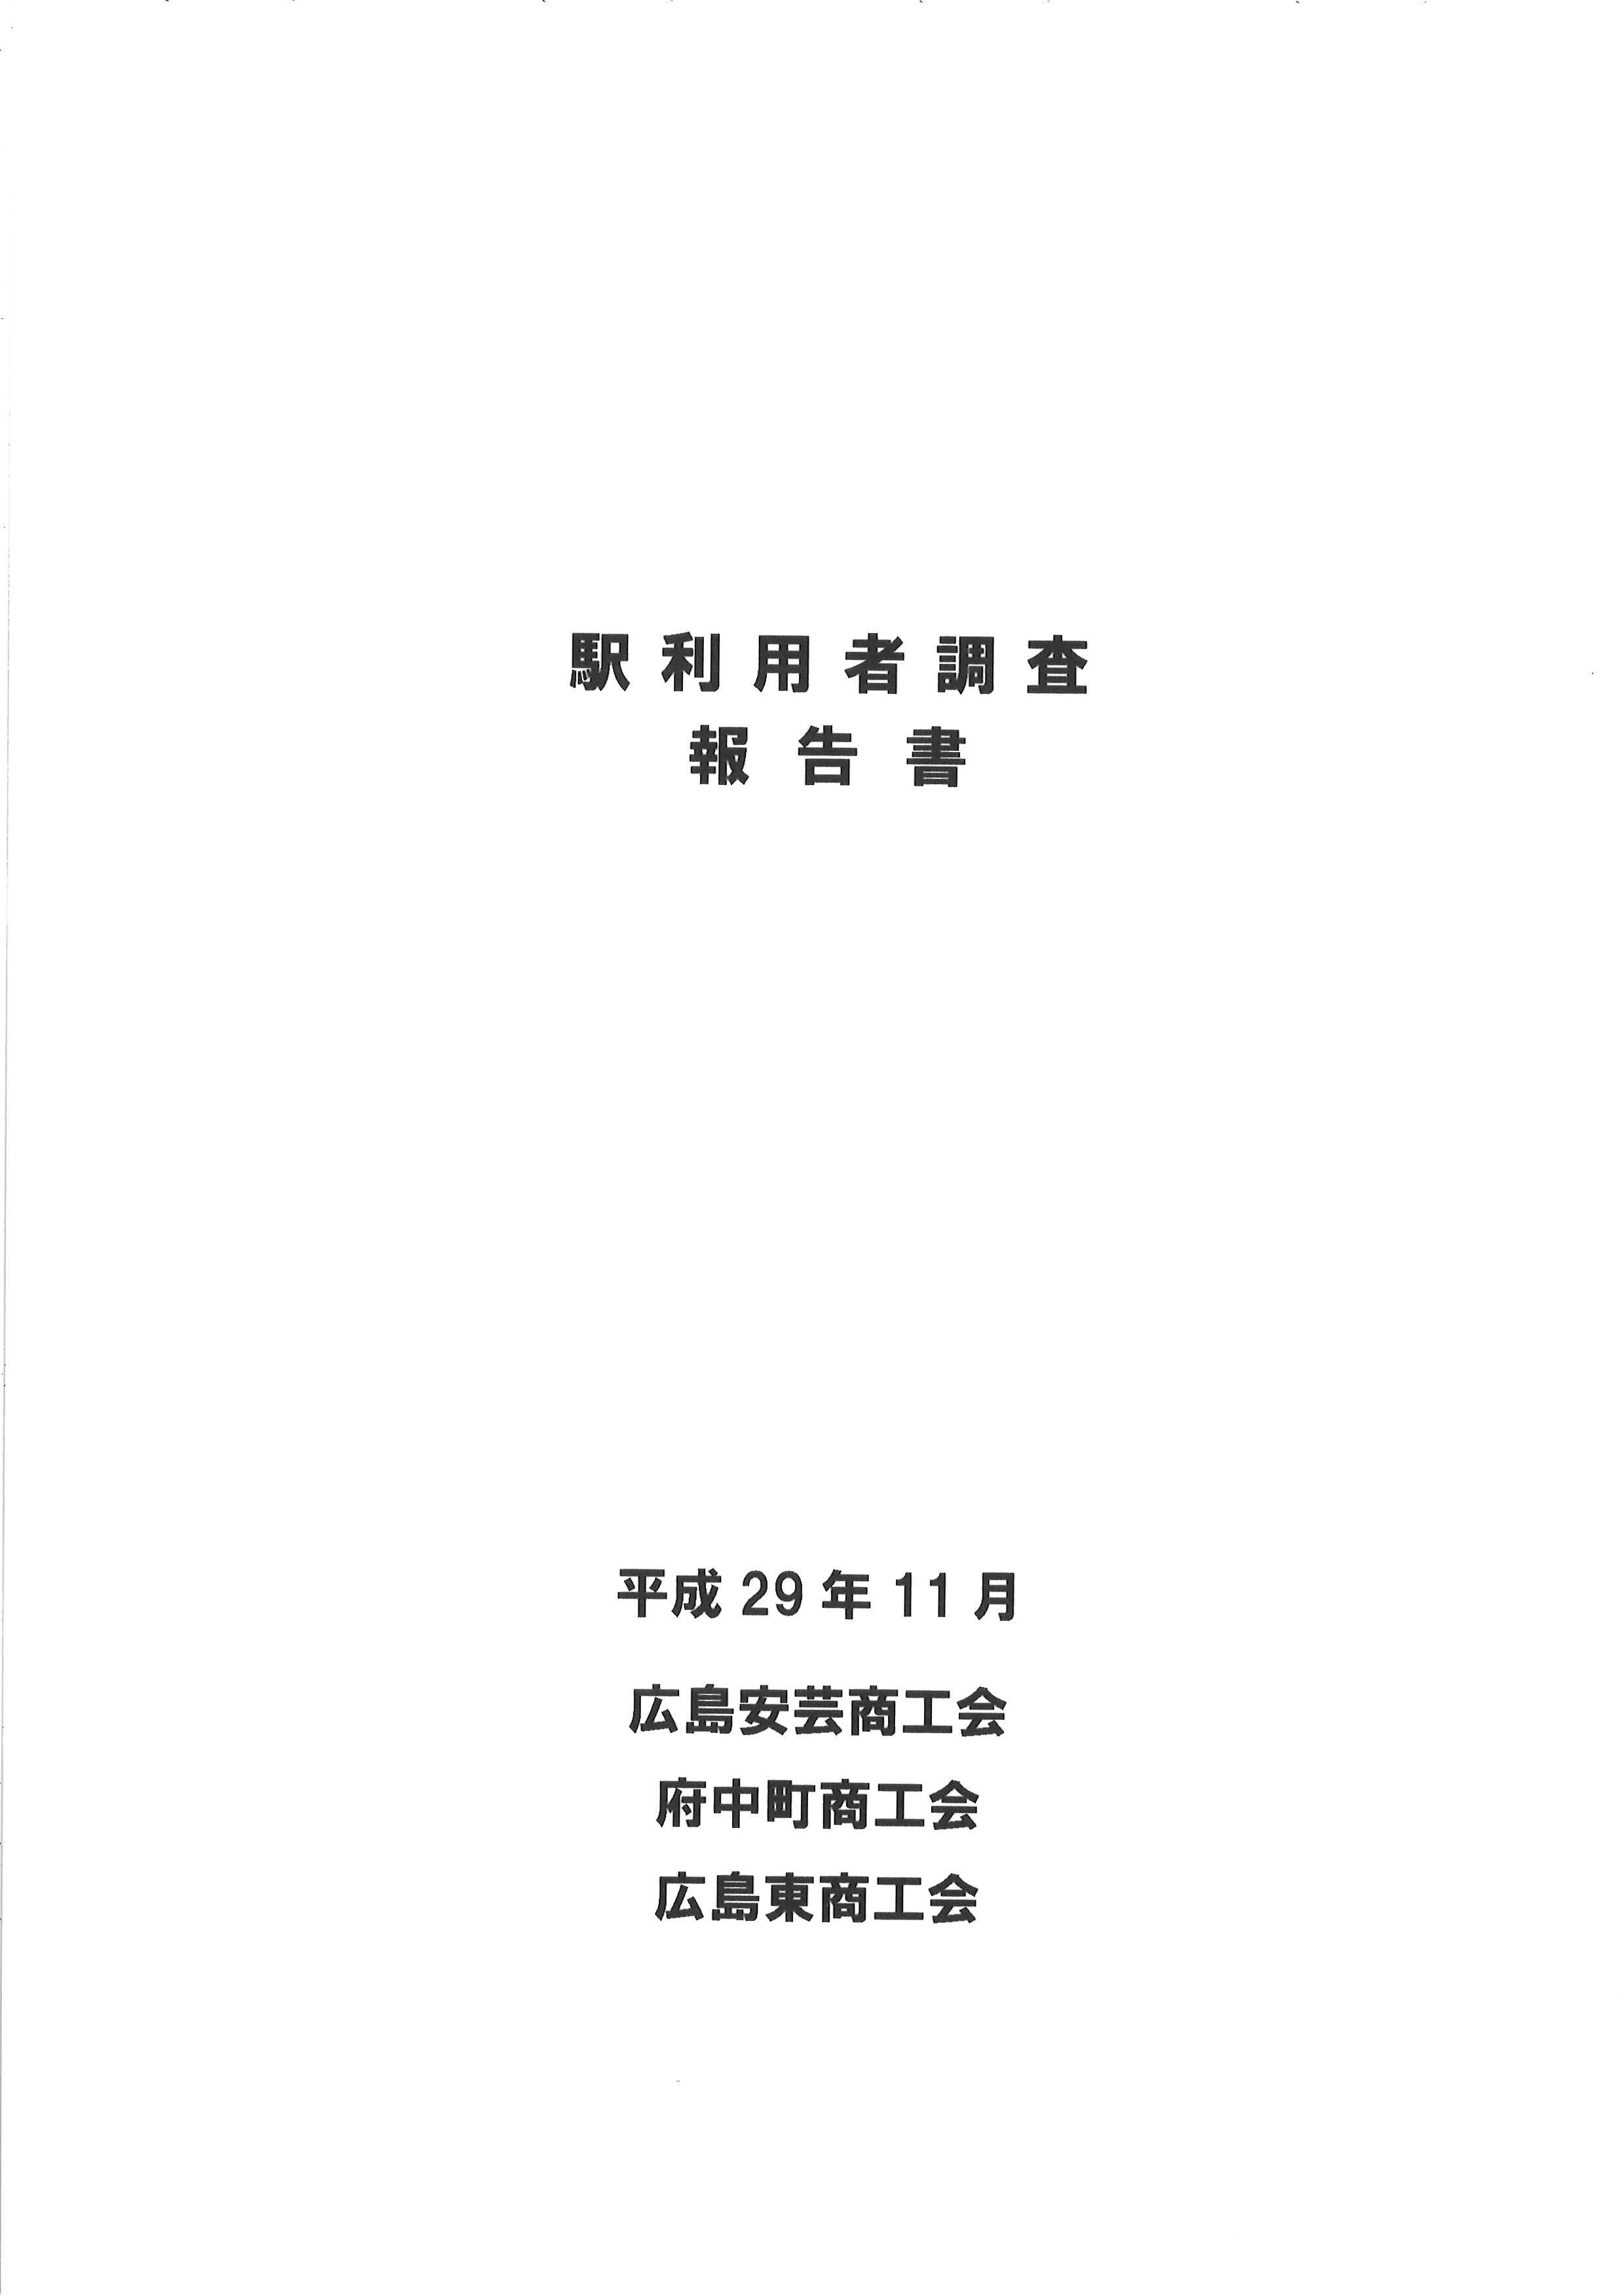 駅利用者調査報告書を公開しています